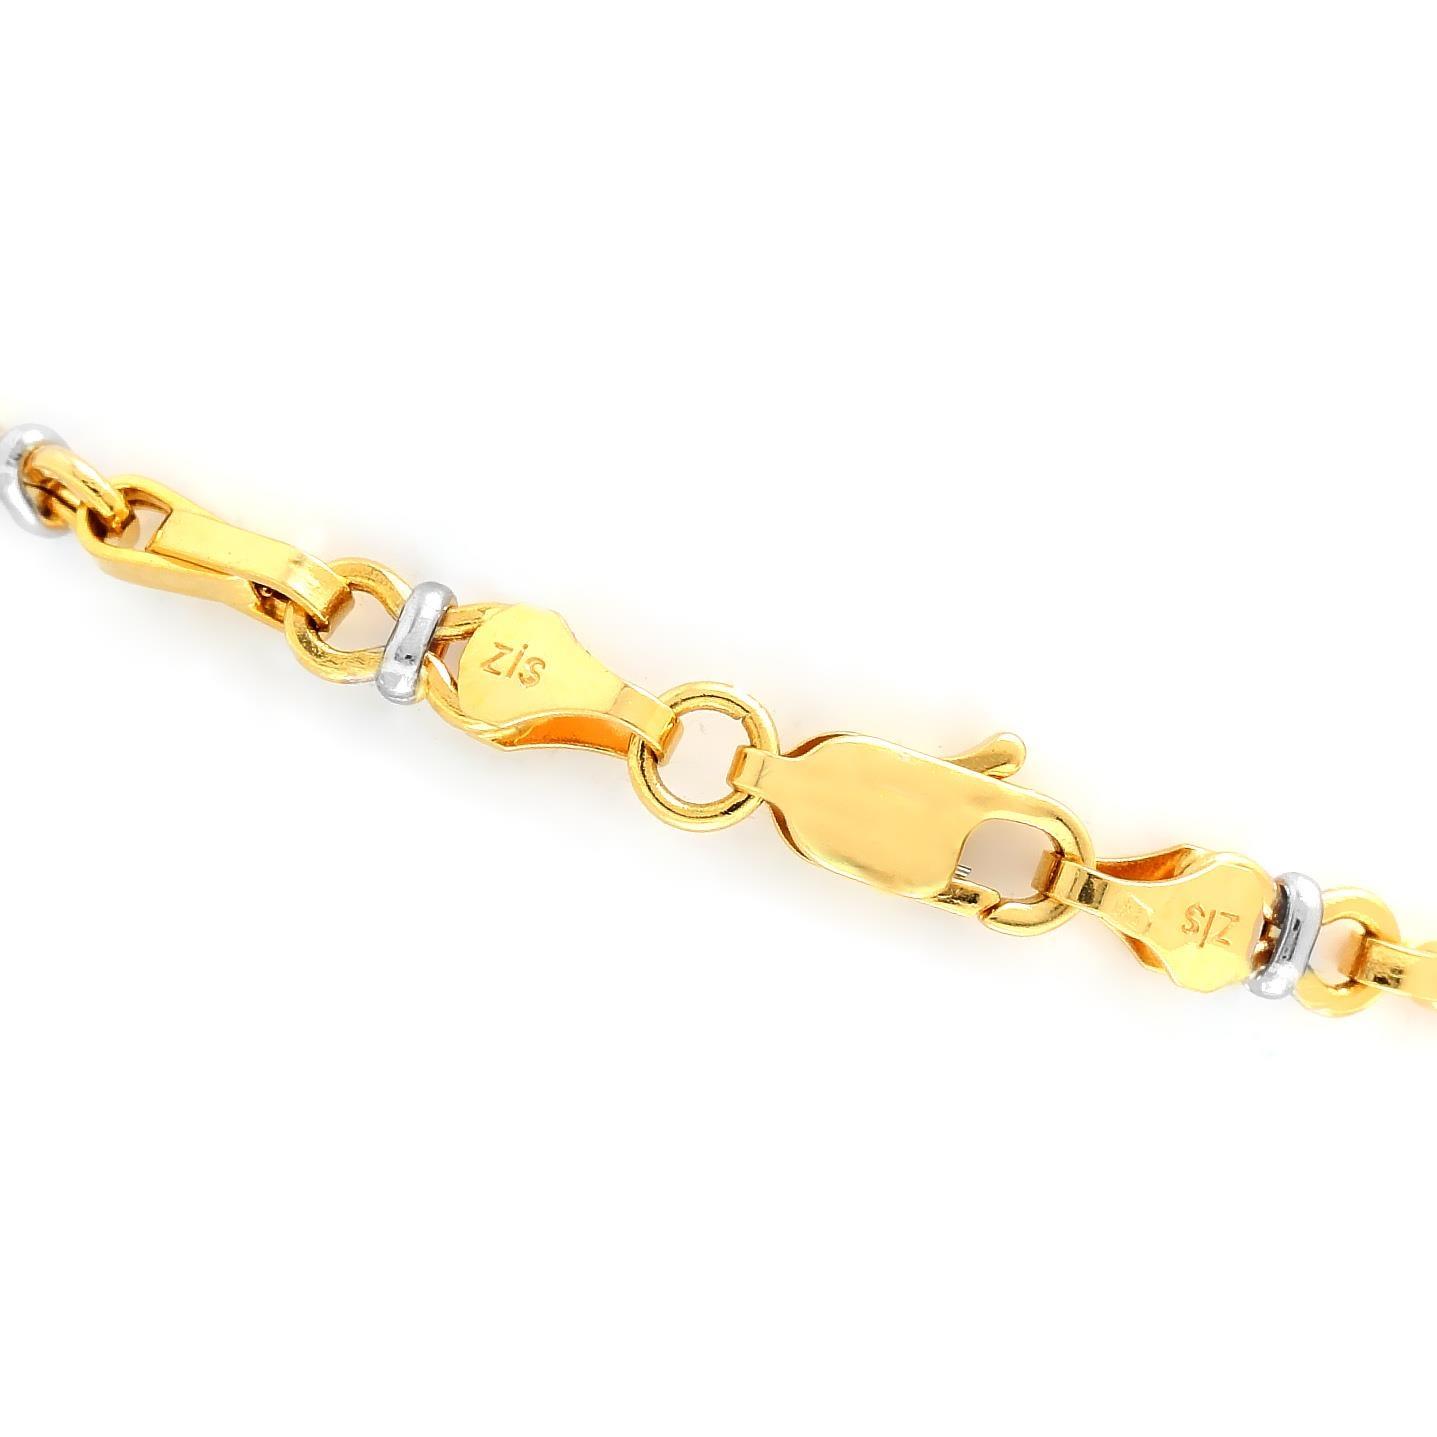 zlatý náramok uzochi zlatý náramok uzochi 2 ... f1b47e2af5e